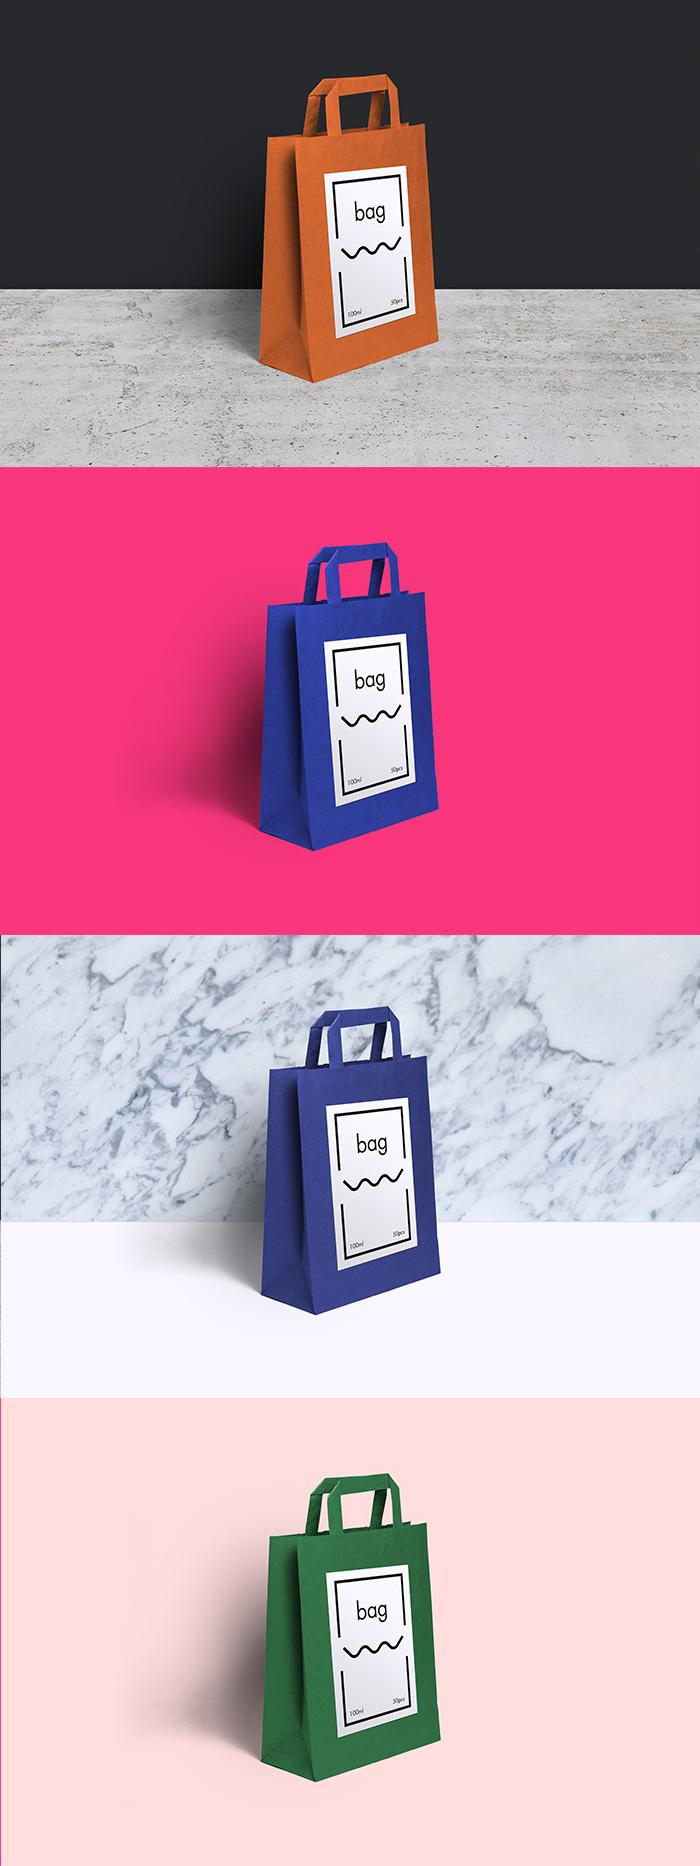 Paper Bag Packaging PSD Mockup  mockup, free mockup, psd mockup, mockup psd, free psd, psd, download mockup, mockup download, photoshop mockup, mock-up, free mock-up, mock-up psd, mockup template, free mockup psd, presentation mockup, branding mockup, free psd mockup